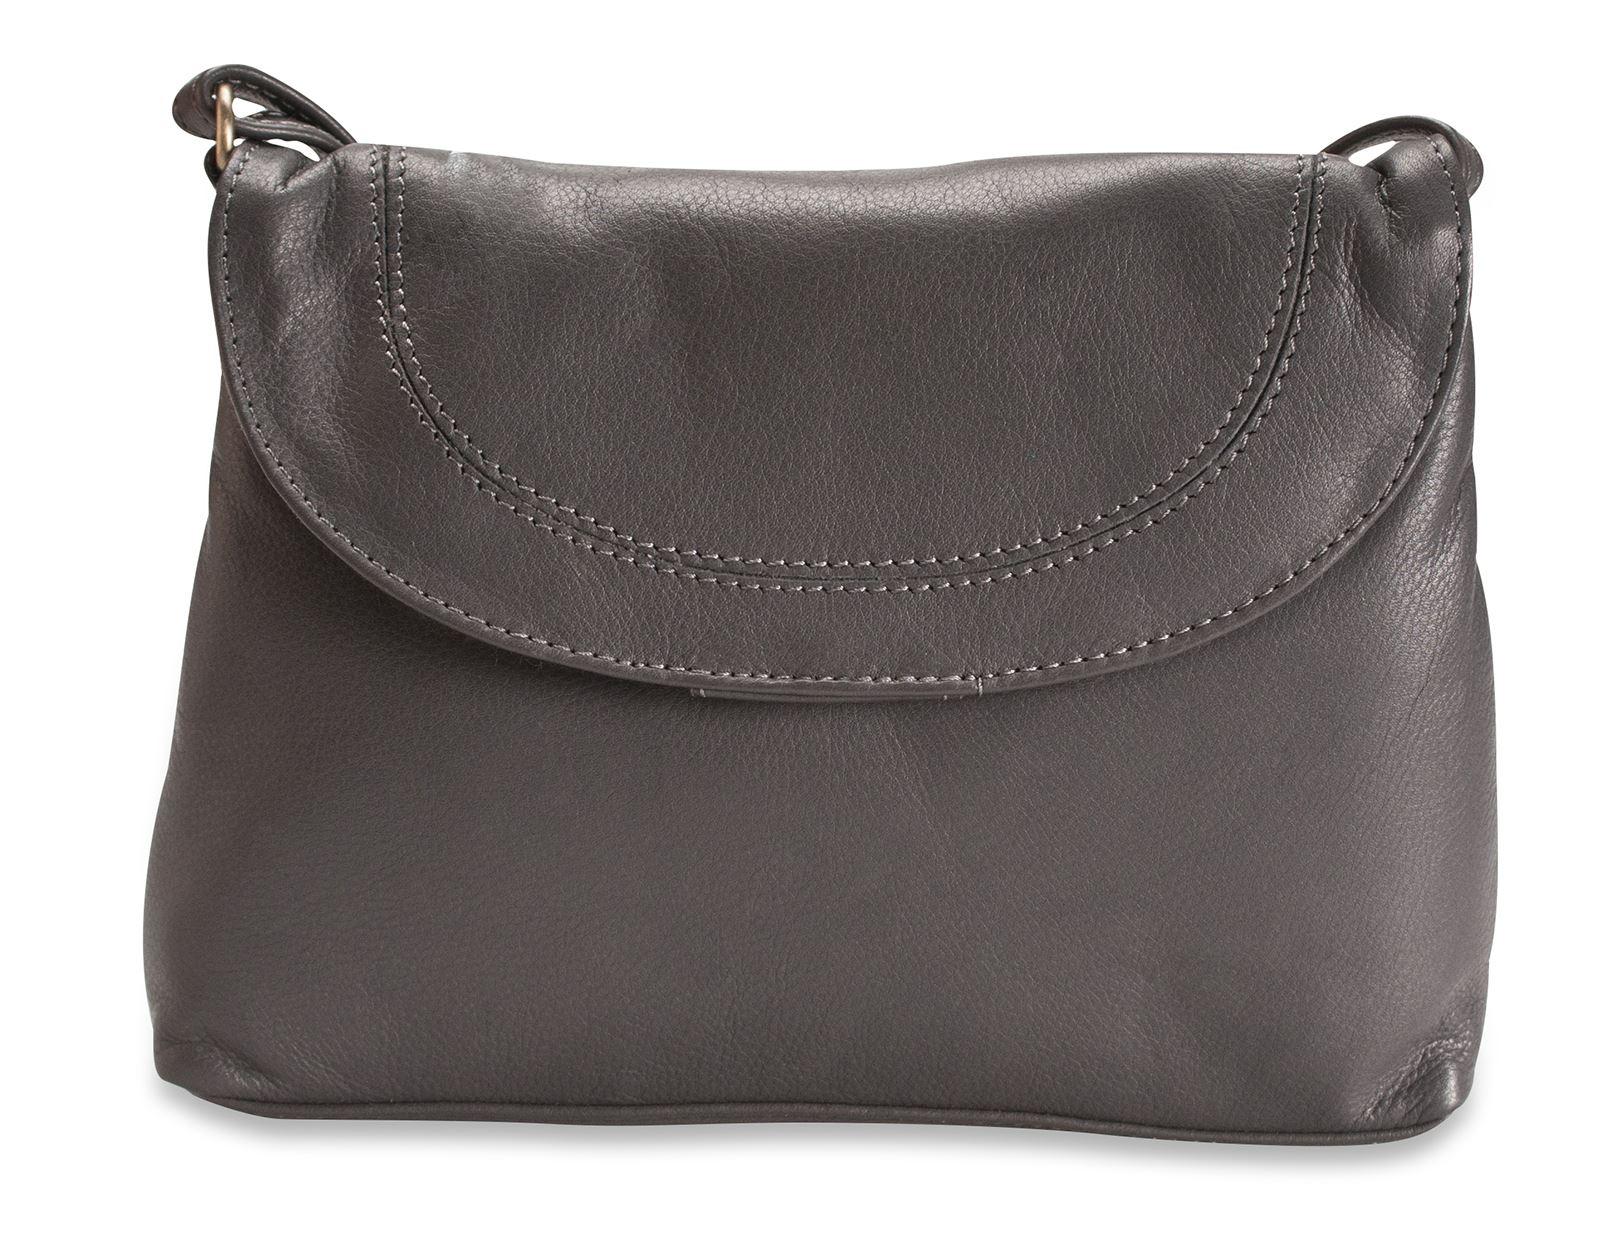 Brunhide Womens kleine Echtleder Schulter Handtasche Alsace Sammlung 111-300